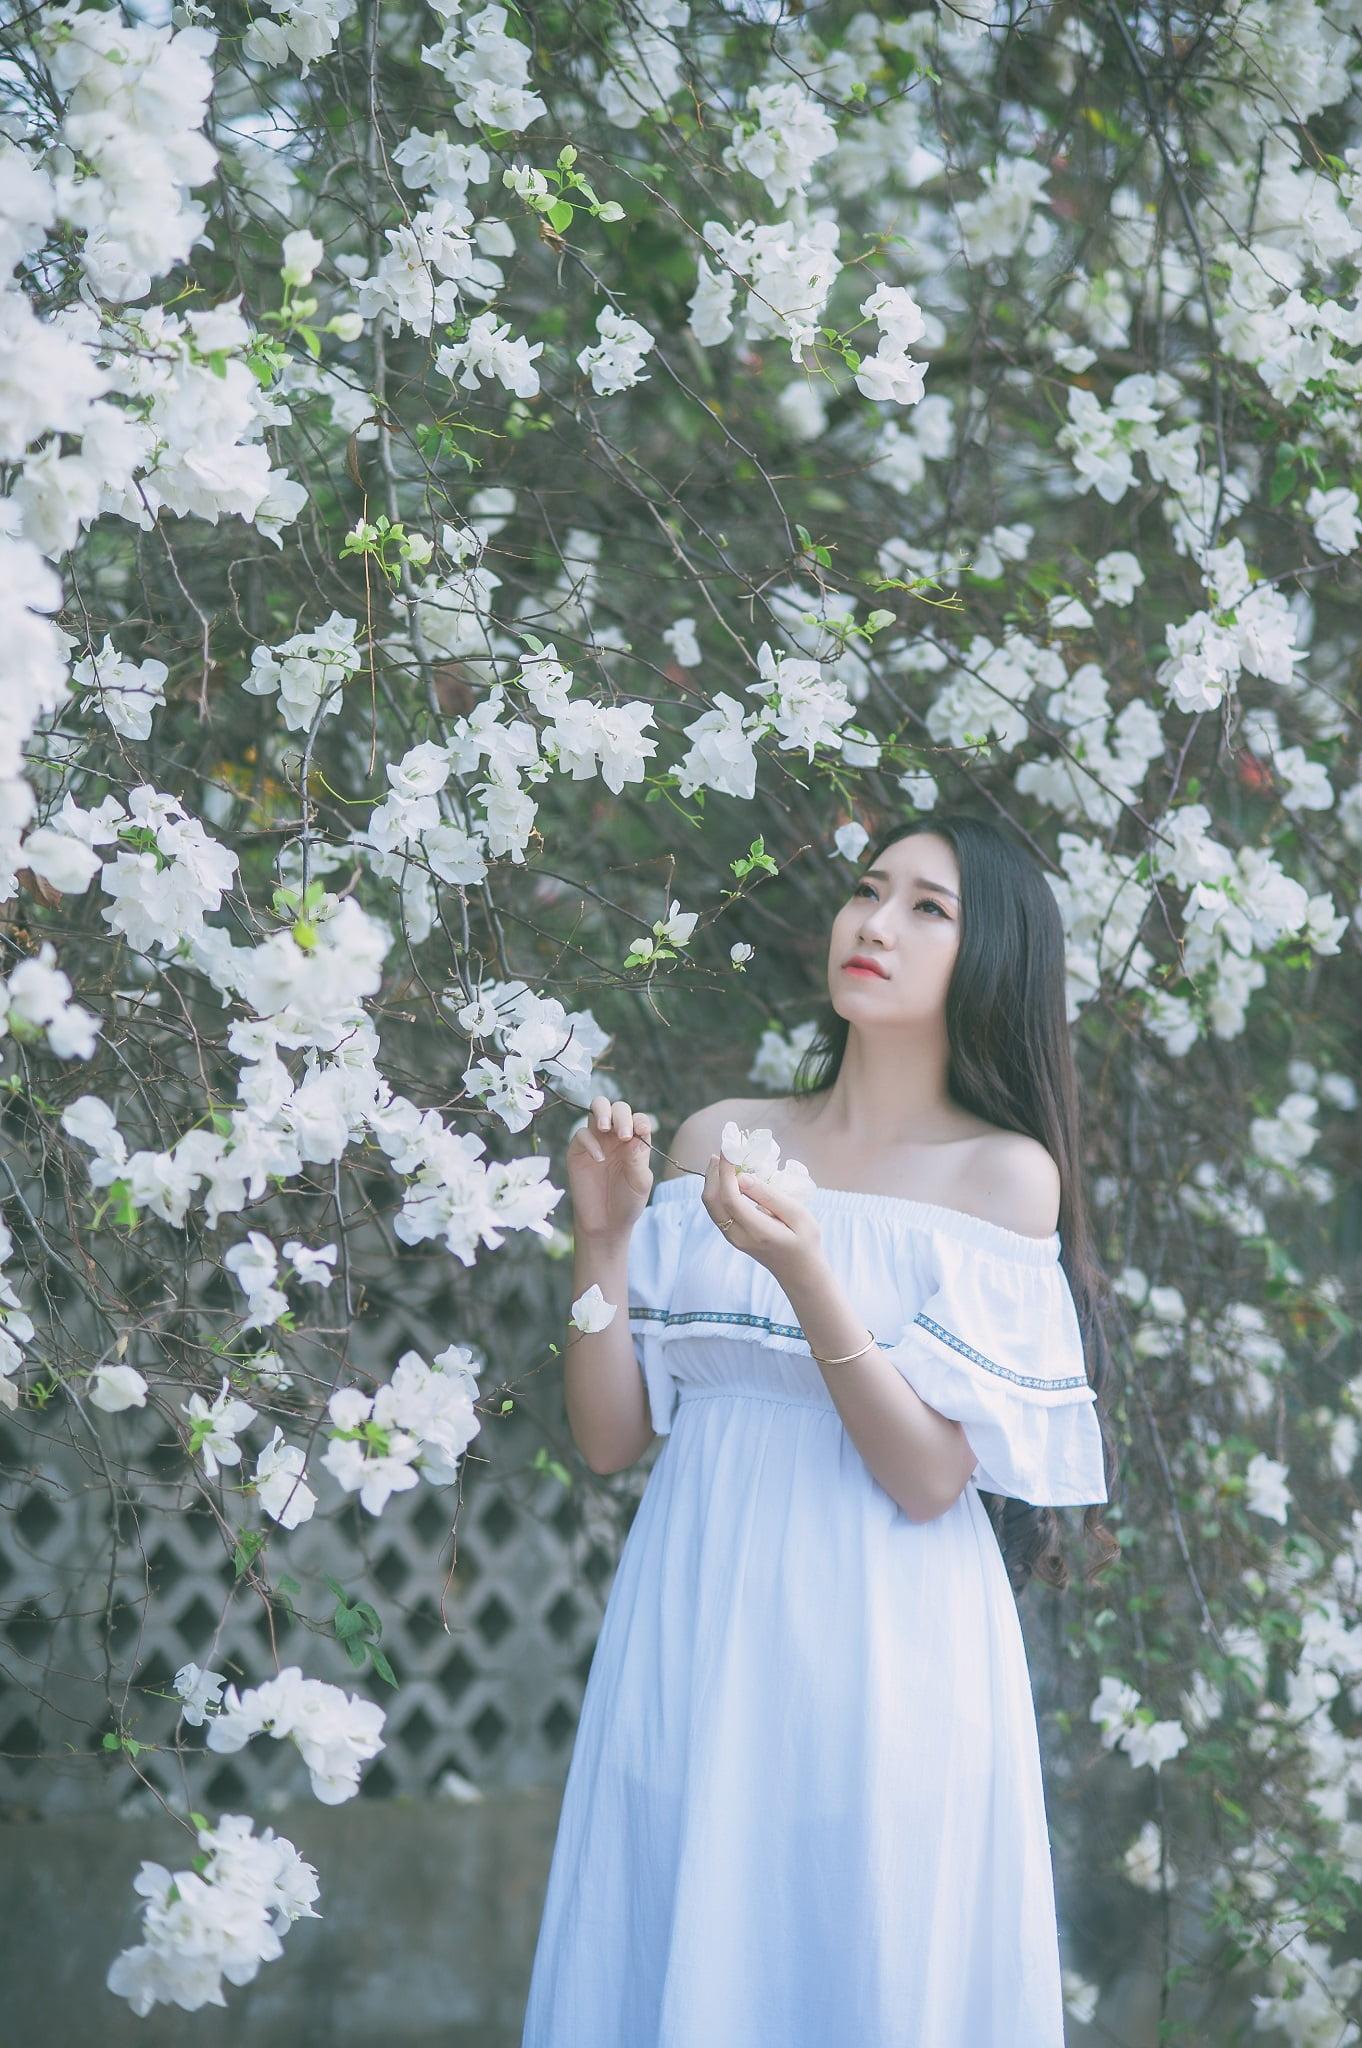 anh chup hoa giay 6 - Ảnh chụp với hoa giấy quận 2 - Huỳnh Như